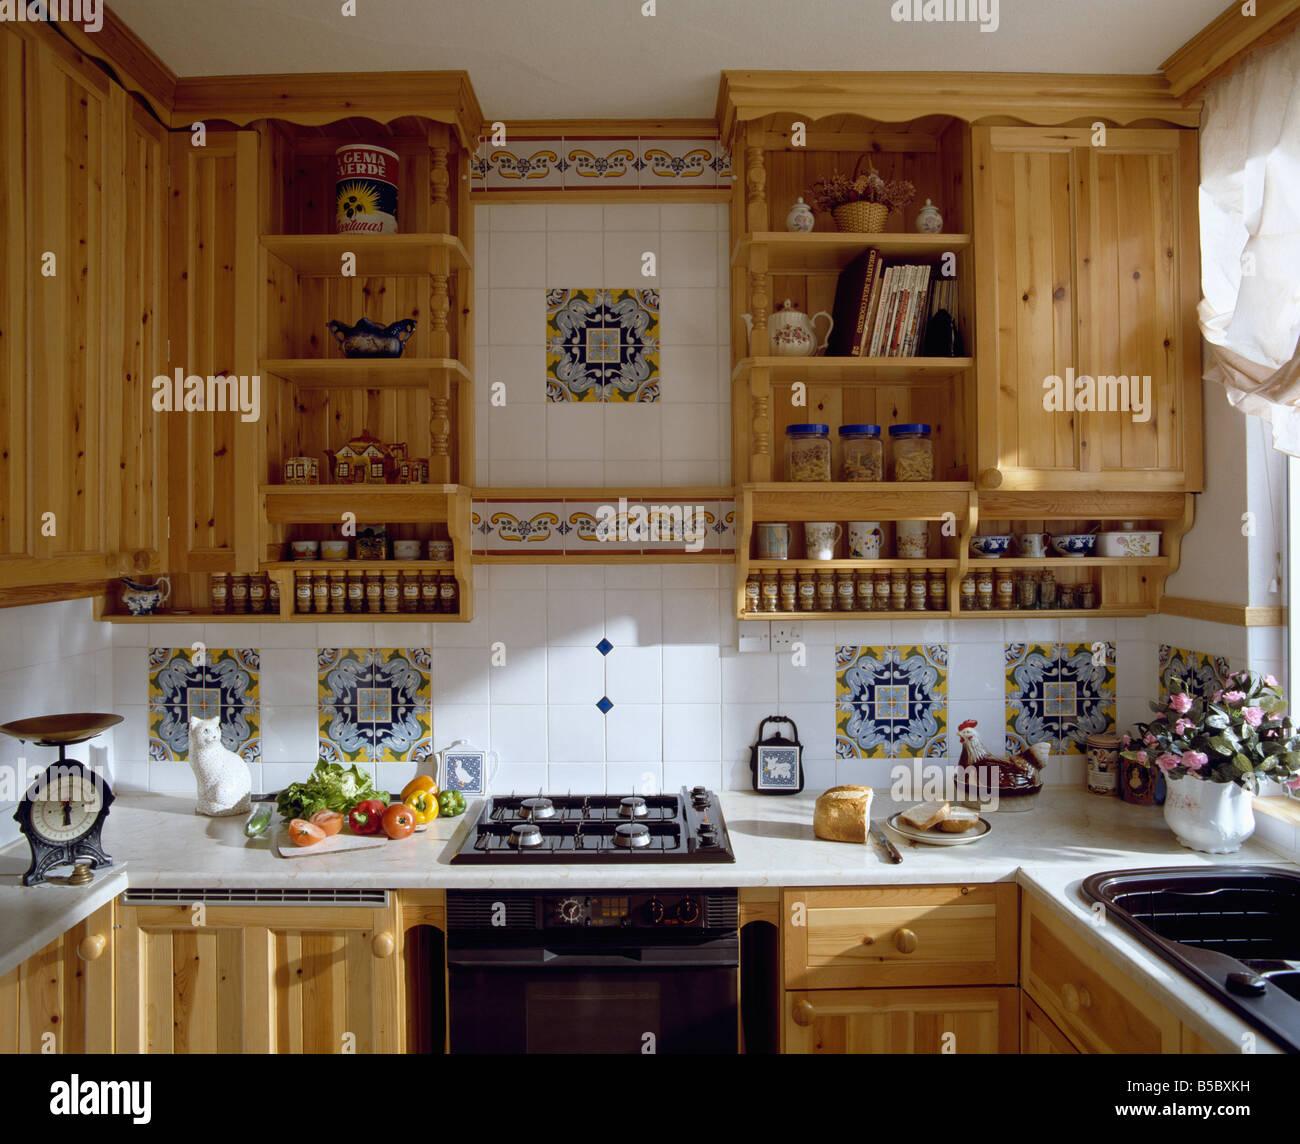 Come Decorare Piastrelle Cucina pino unità a parete e bianco parete piastrellata con una